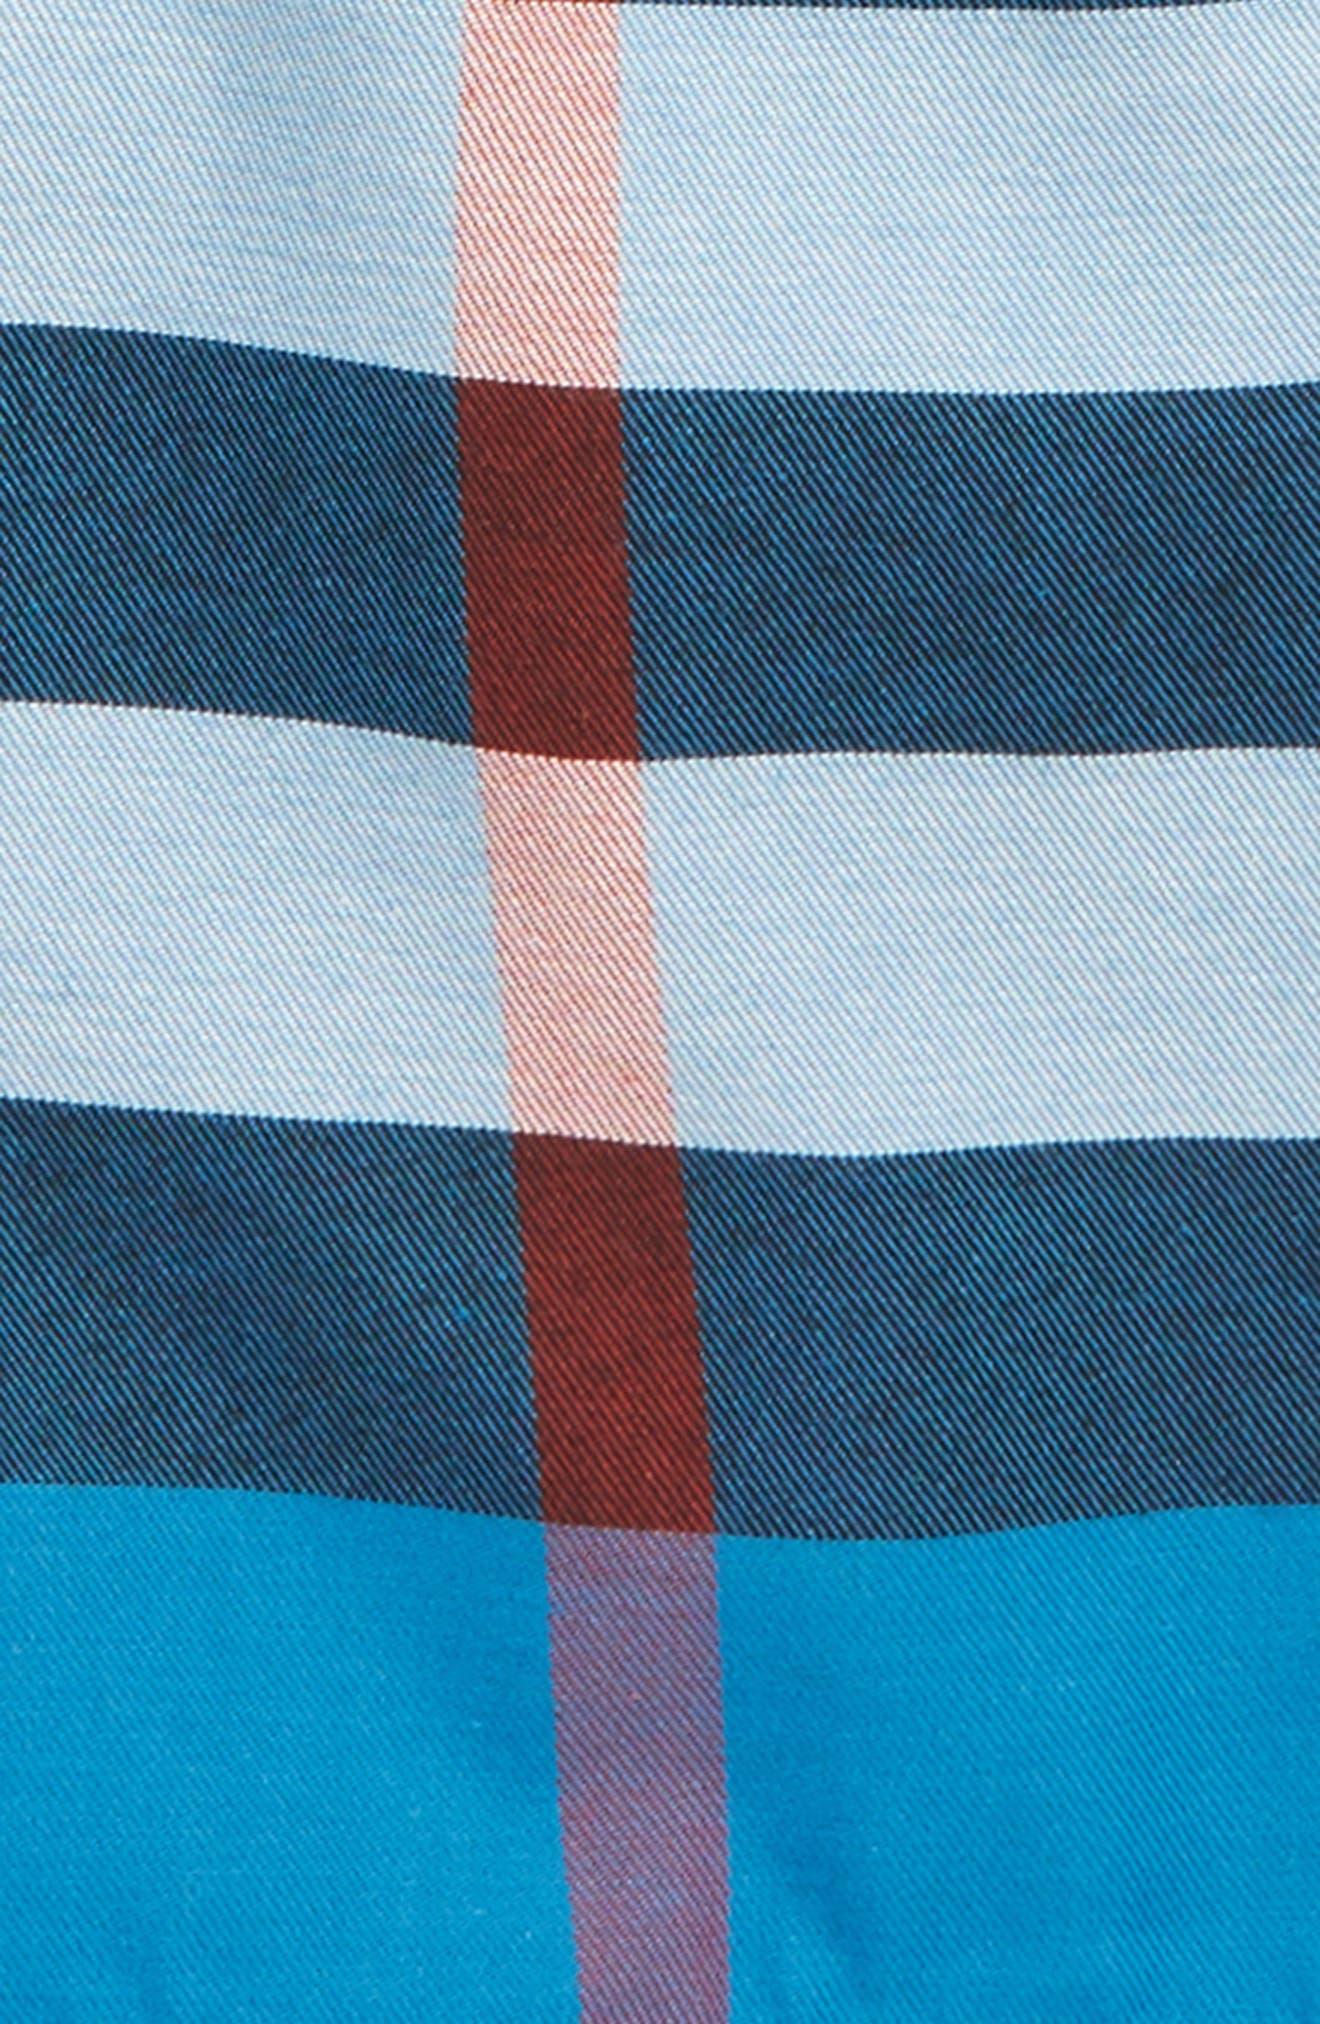 Sean Check Print Shorts,                             Alternate thumbnail 2, color,                             420